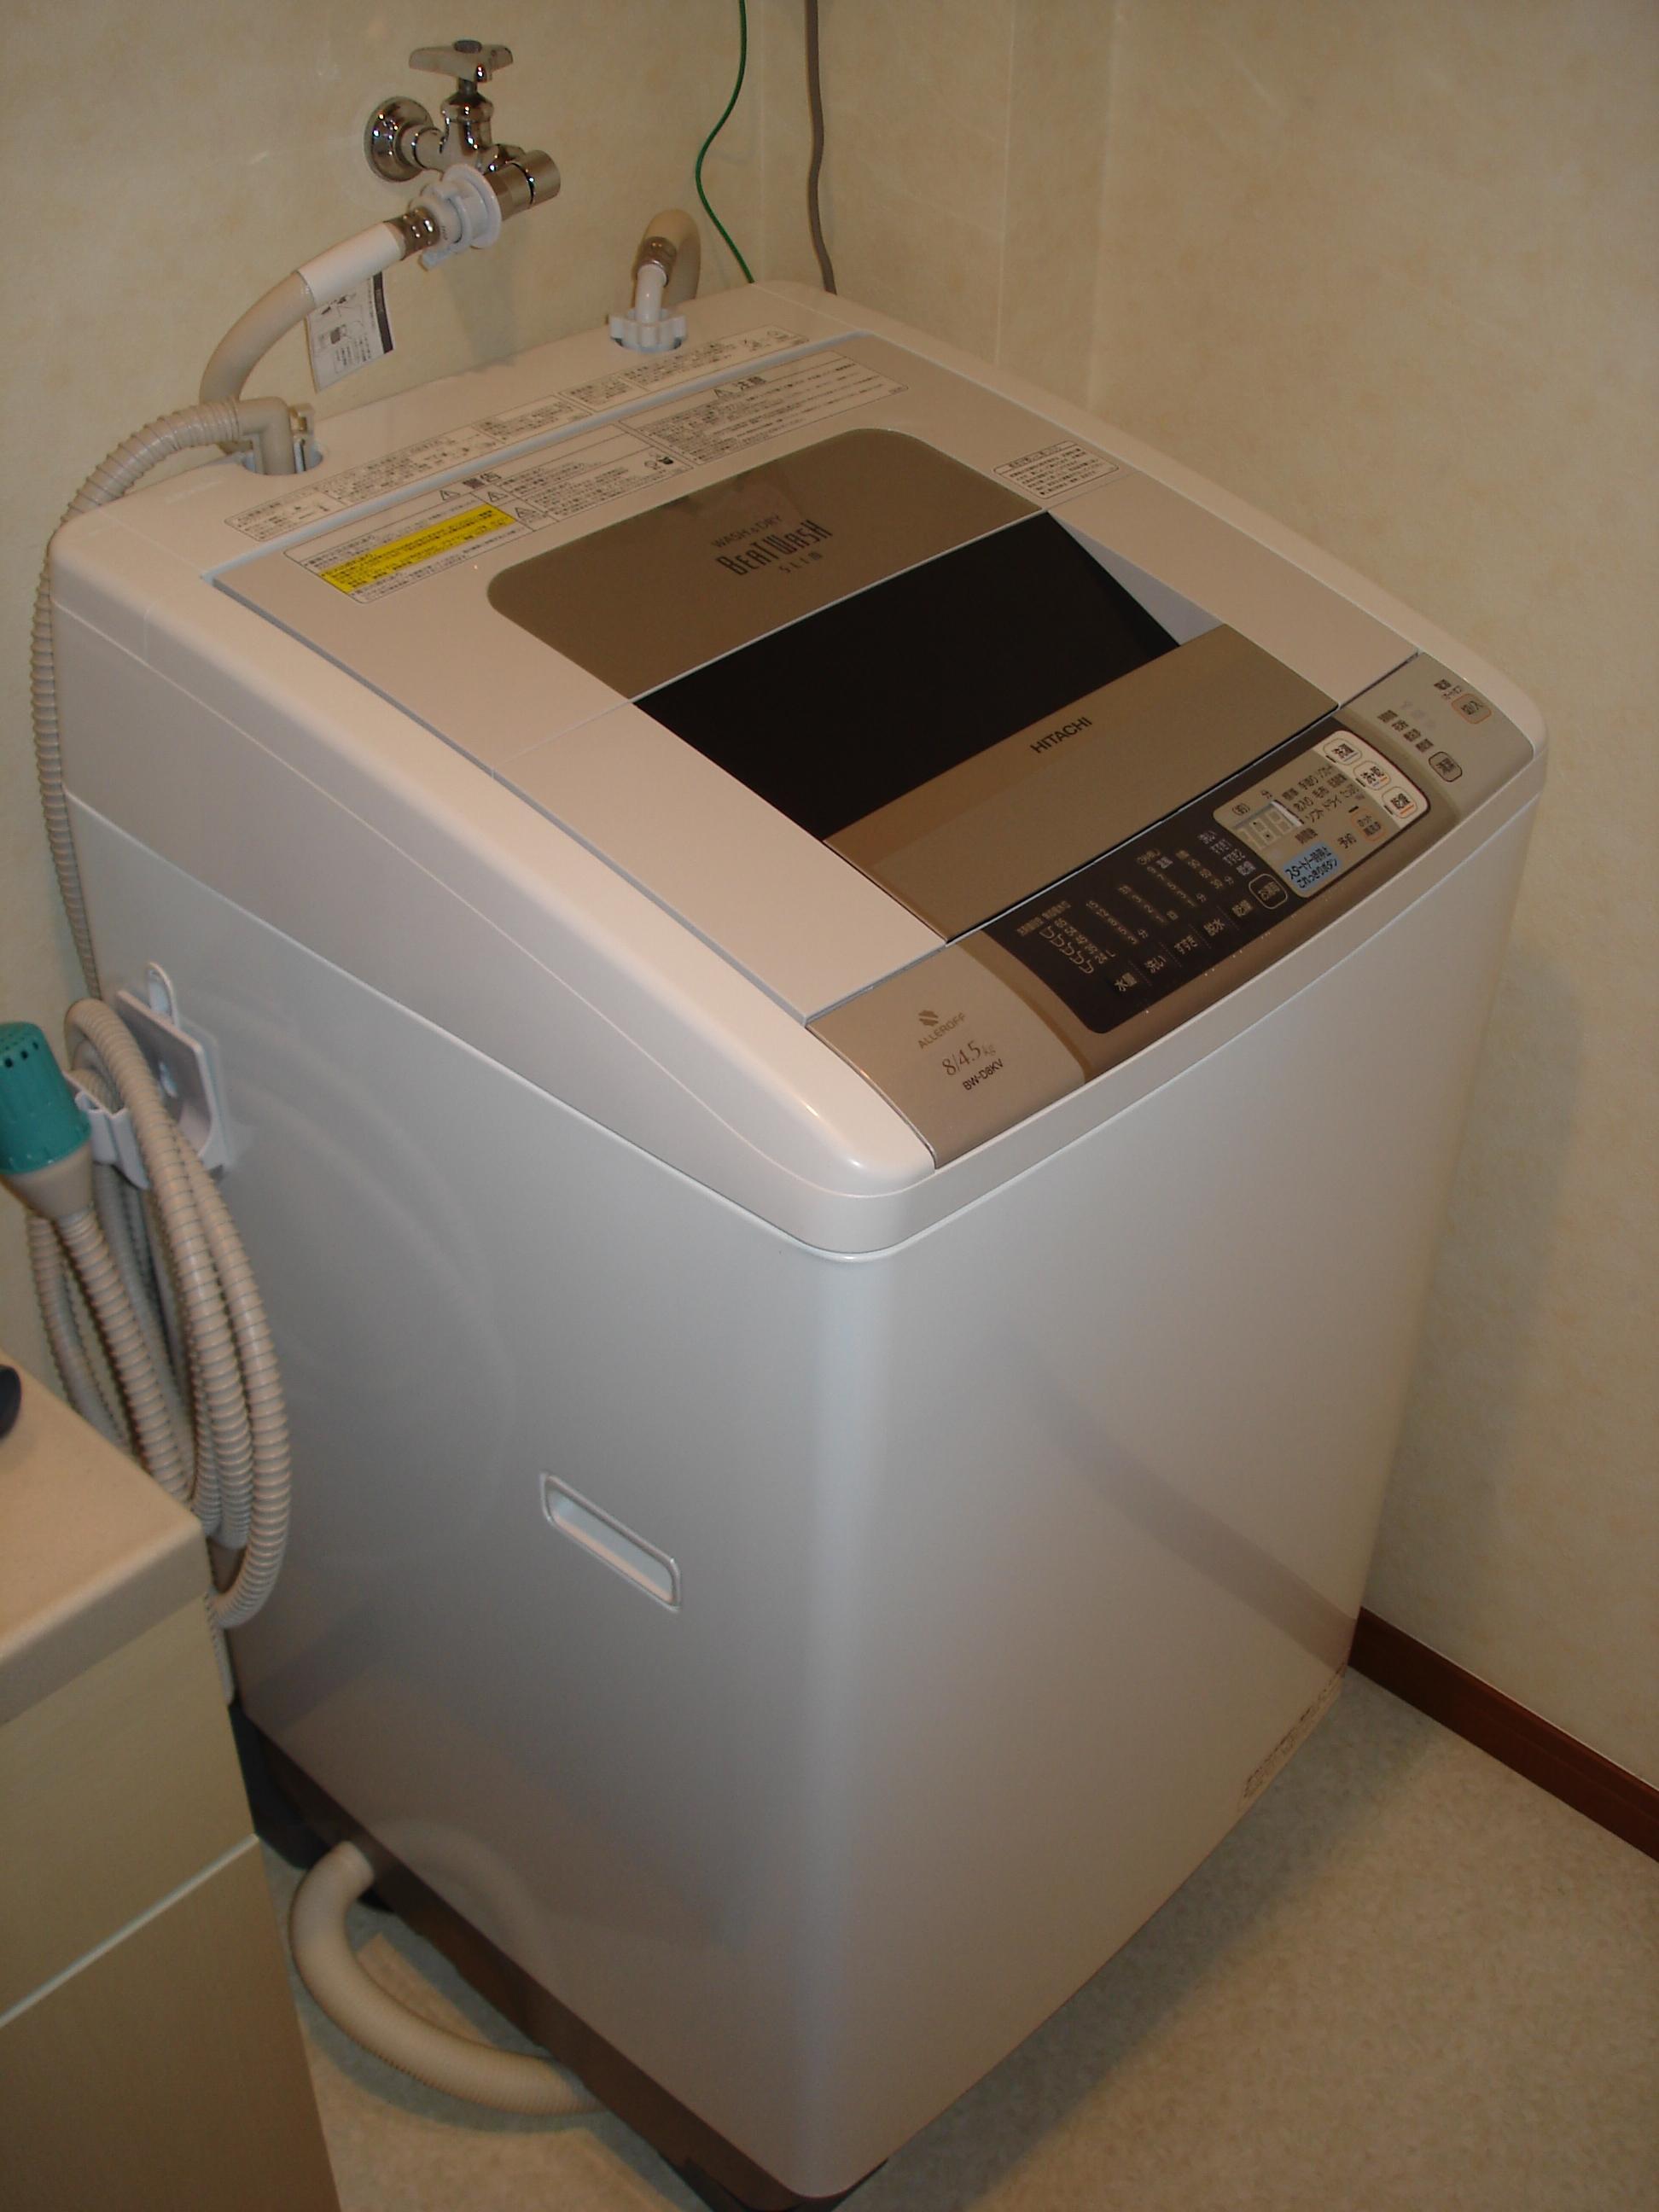 洗濯機の設置は自分でできますか?設置のガイドラインです。のサムネイル画像